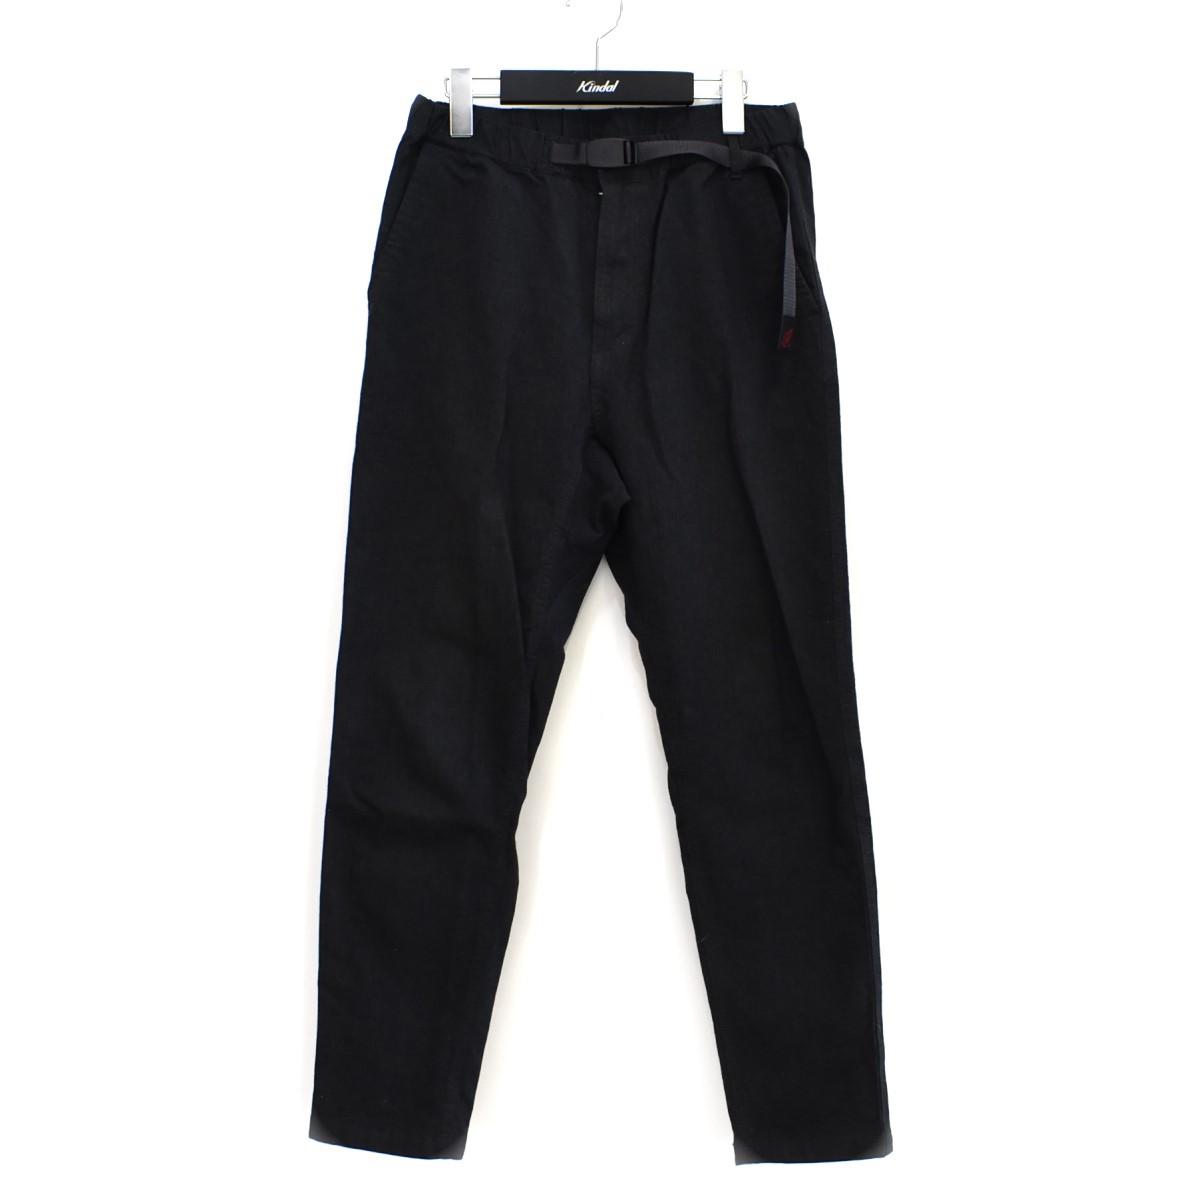 メンズファッション, ズボン・パンツ White Mountaineering x GRAMICCI STRETCHED TWILL TAPERED PANTS 20AW 0 160621